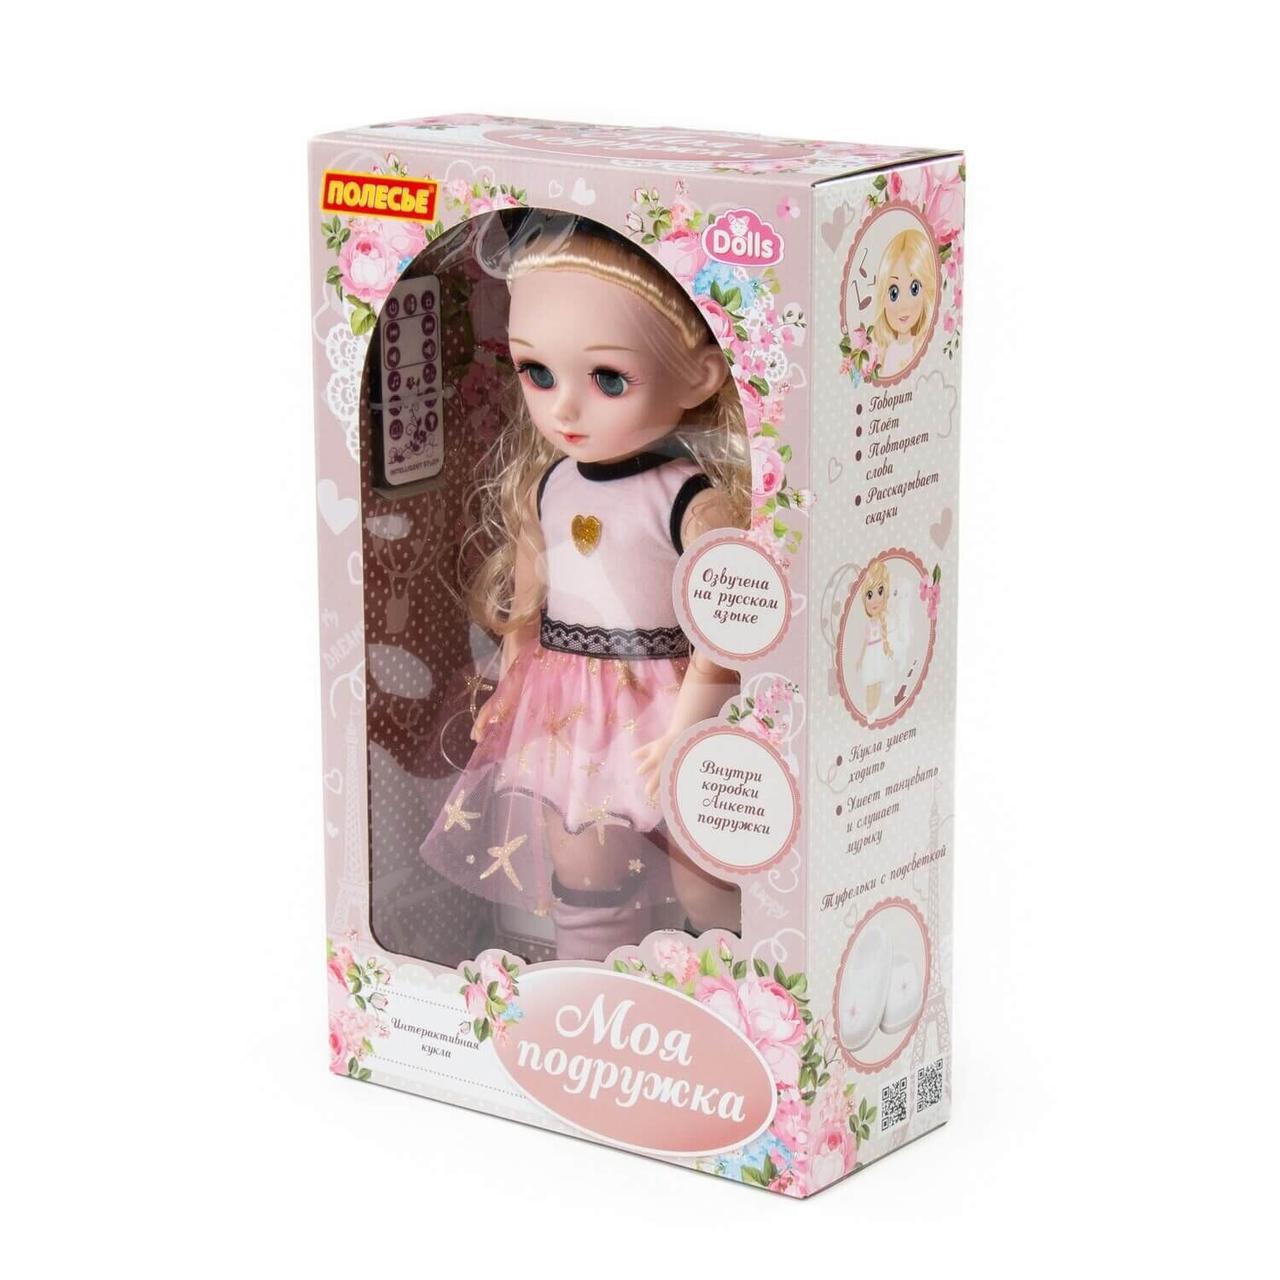 Кукла Арина 37см на вечеринке 79619